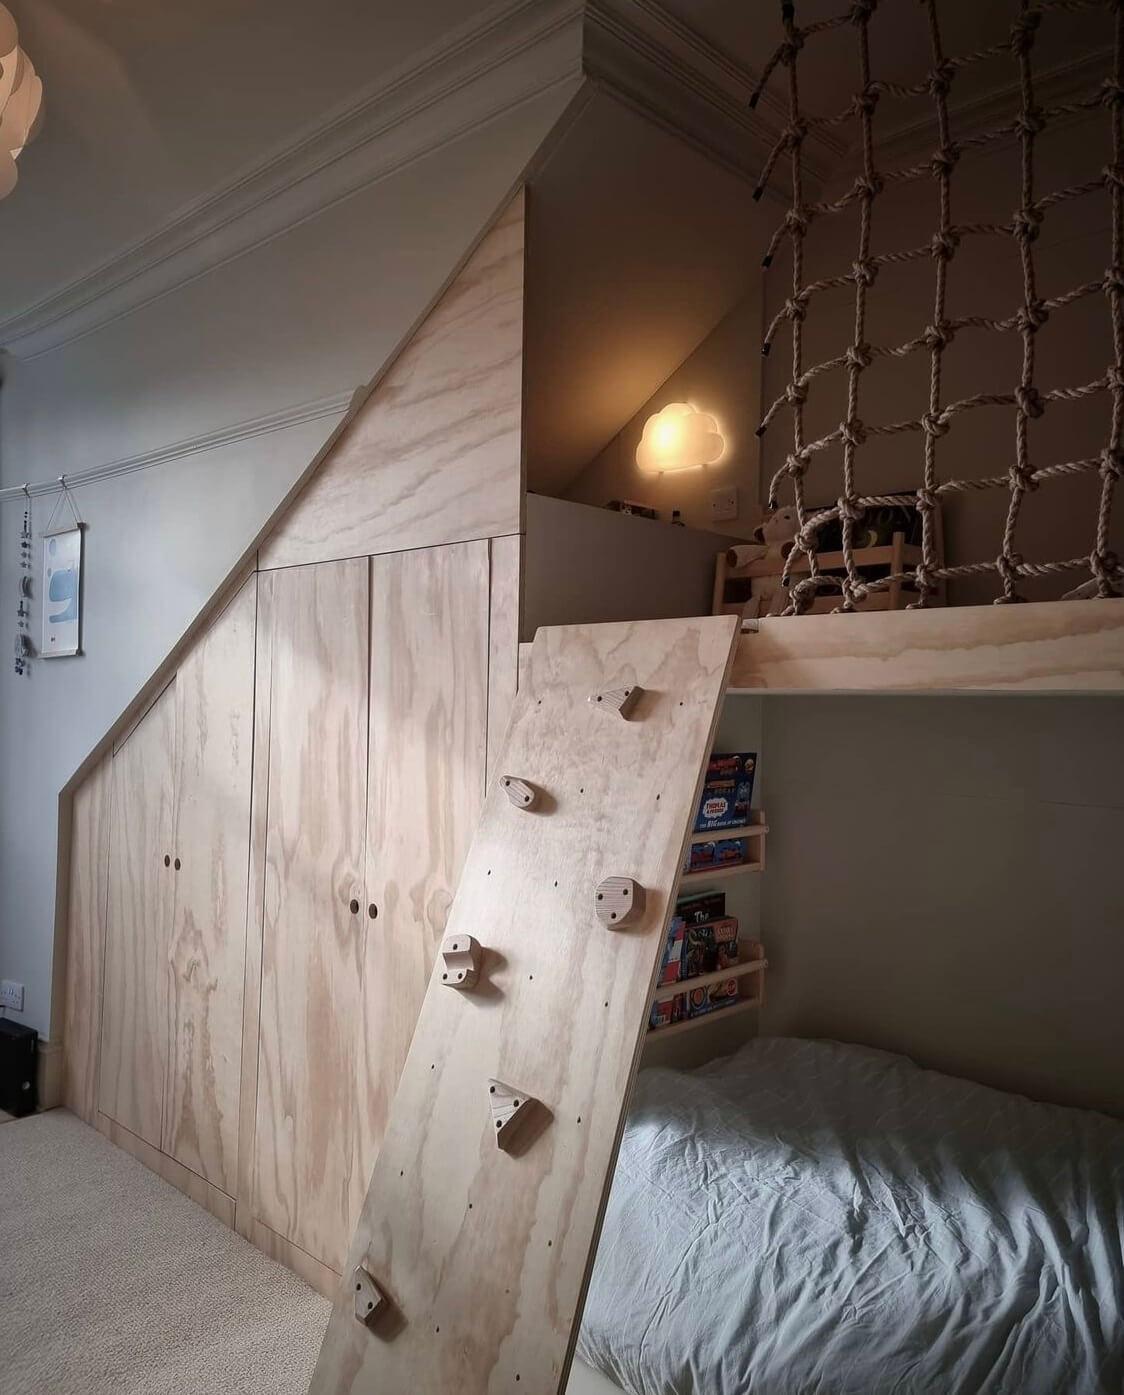 diy-kids-bedroom-bunk-beds-victorian-home-nordroom